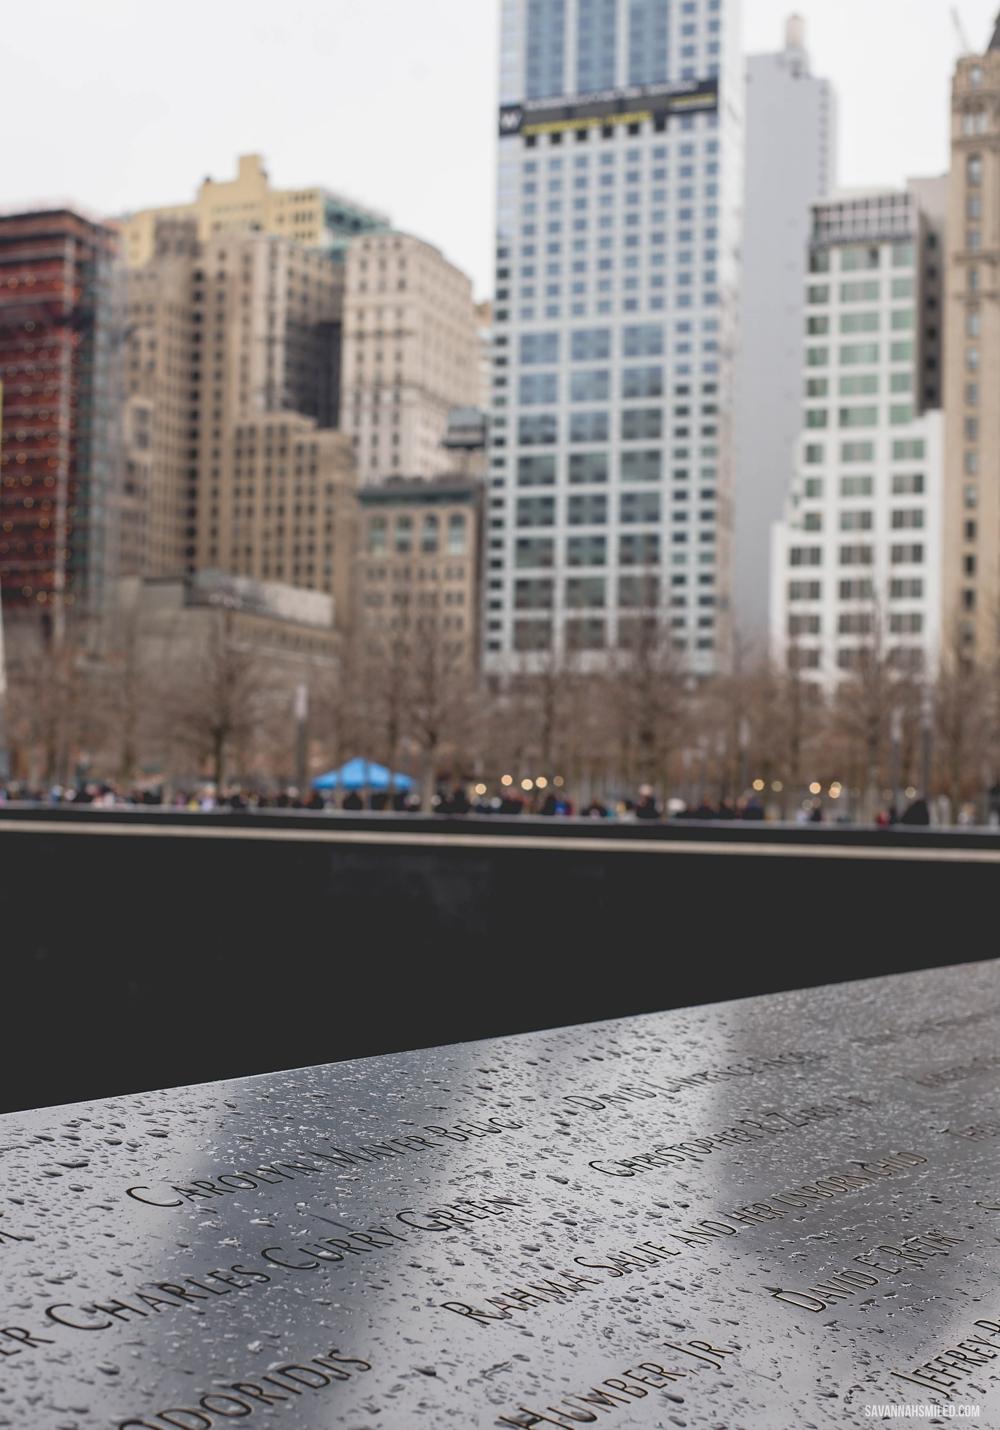 911-new-york-city-memorial-pools-2.jpg